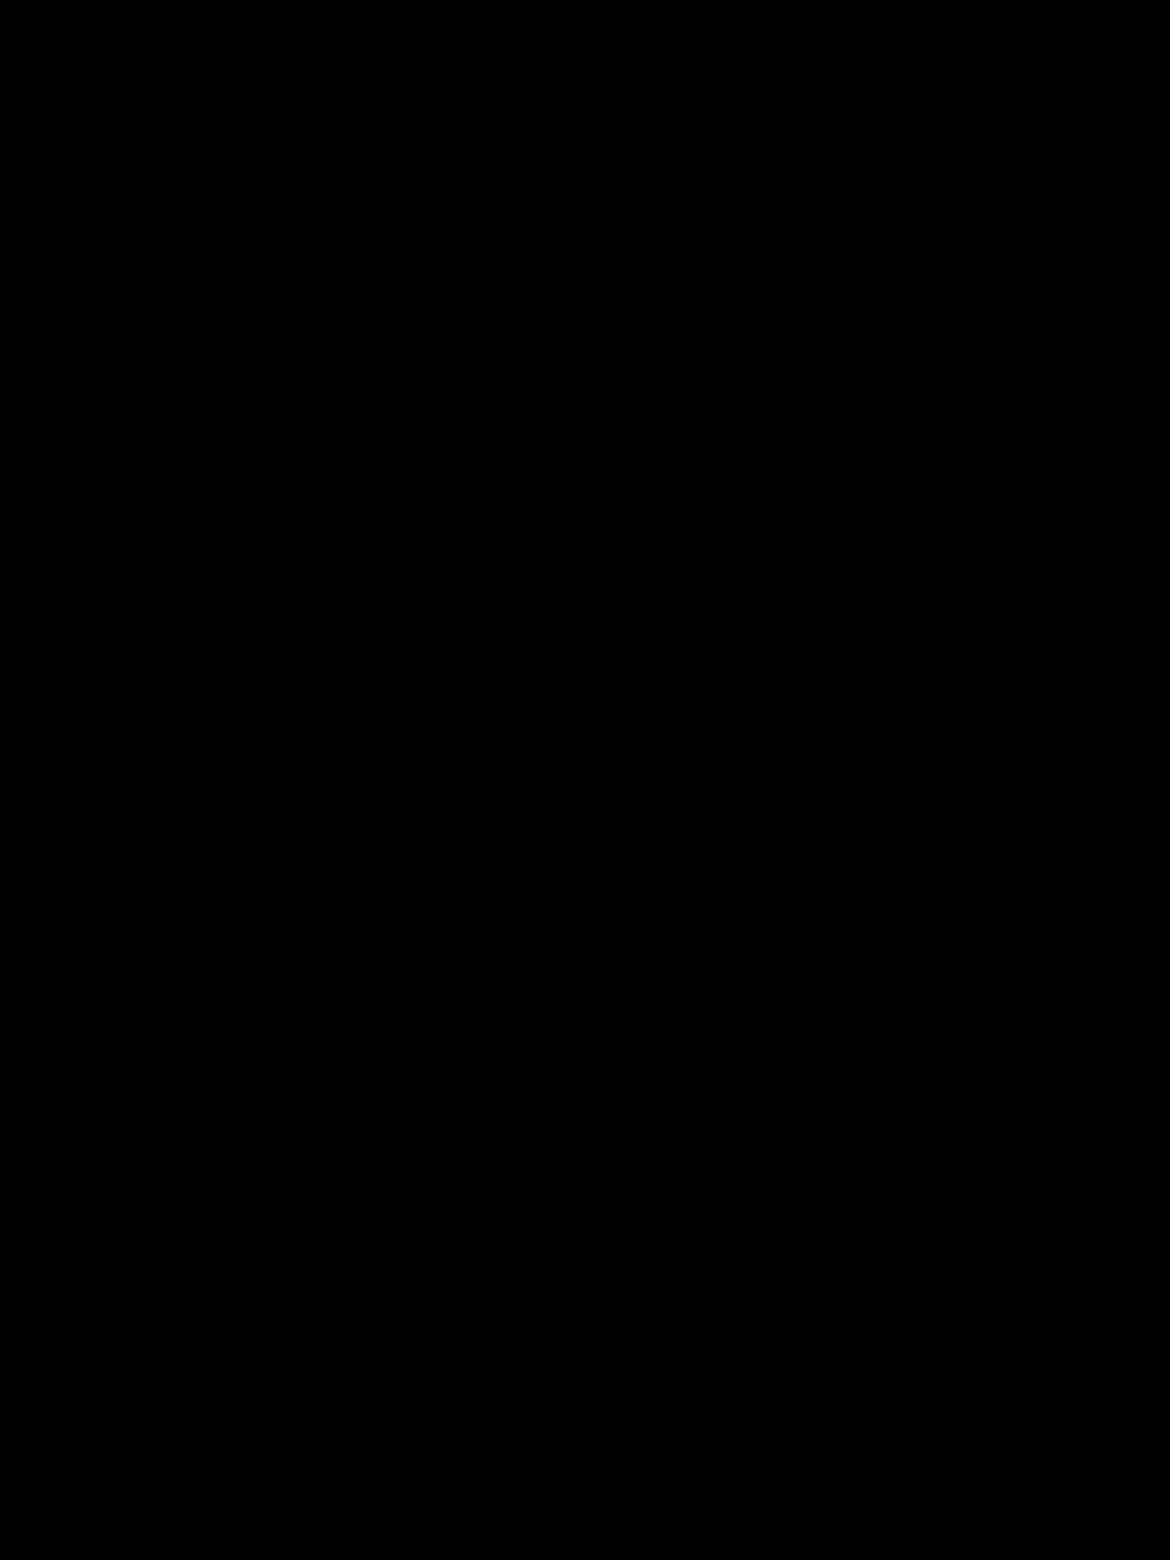 Fotografia digitale per tutti: Top 6 per foto bellissime!